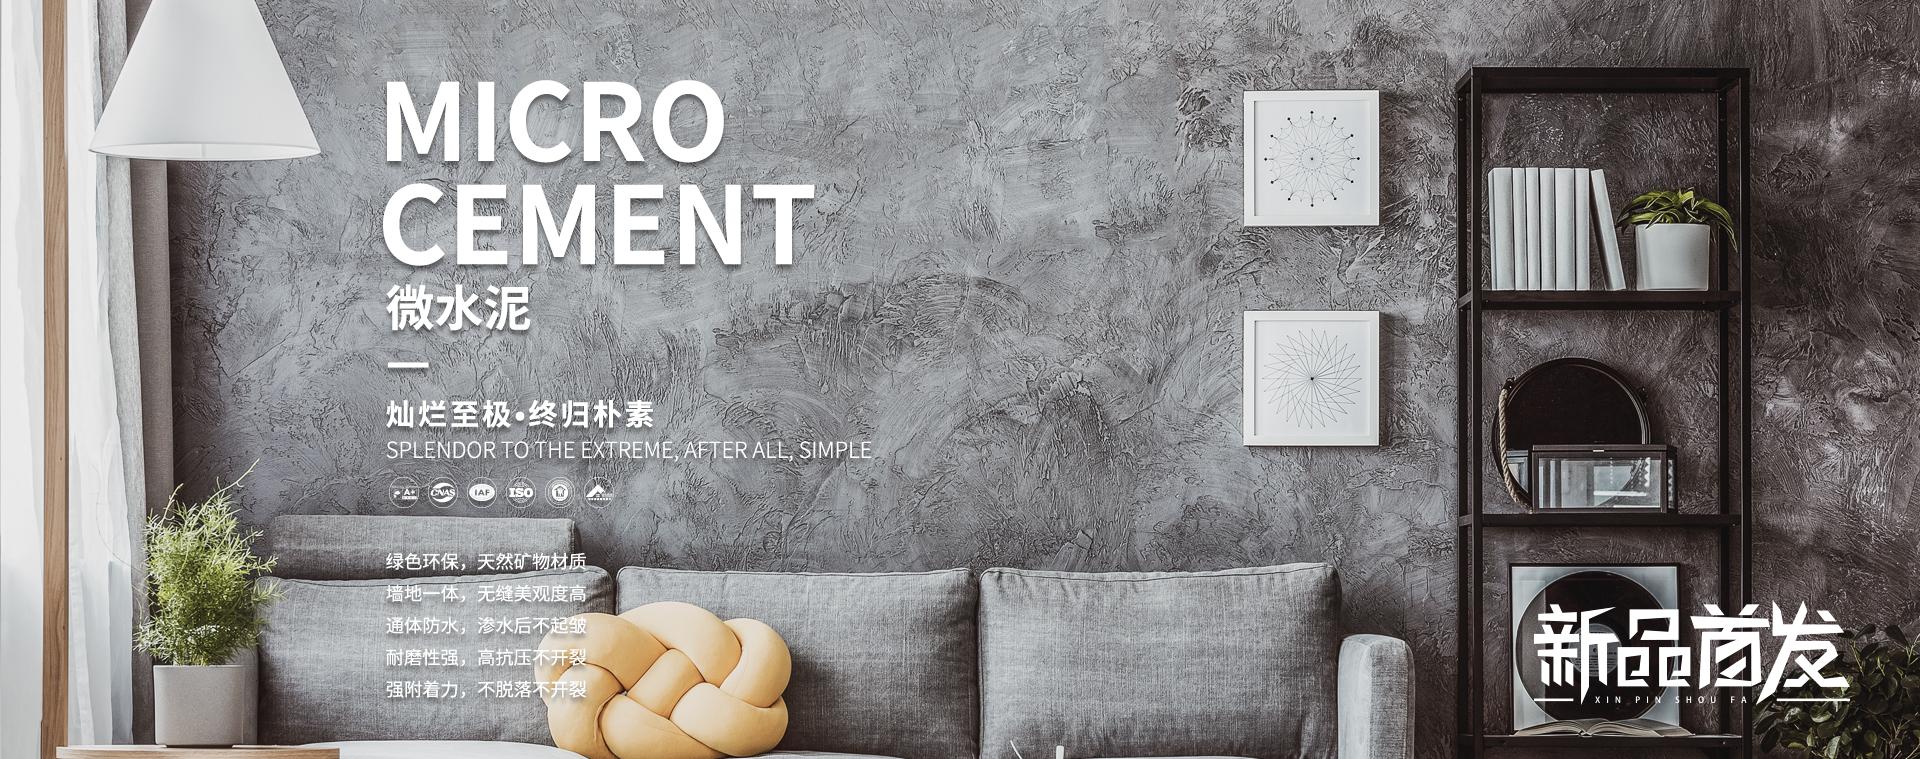 【新品首发】MONTAGE微水泥:灿烂之极 终归朴素